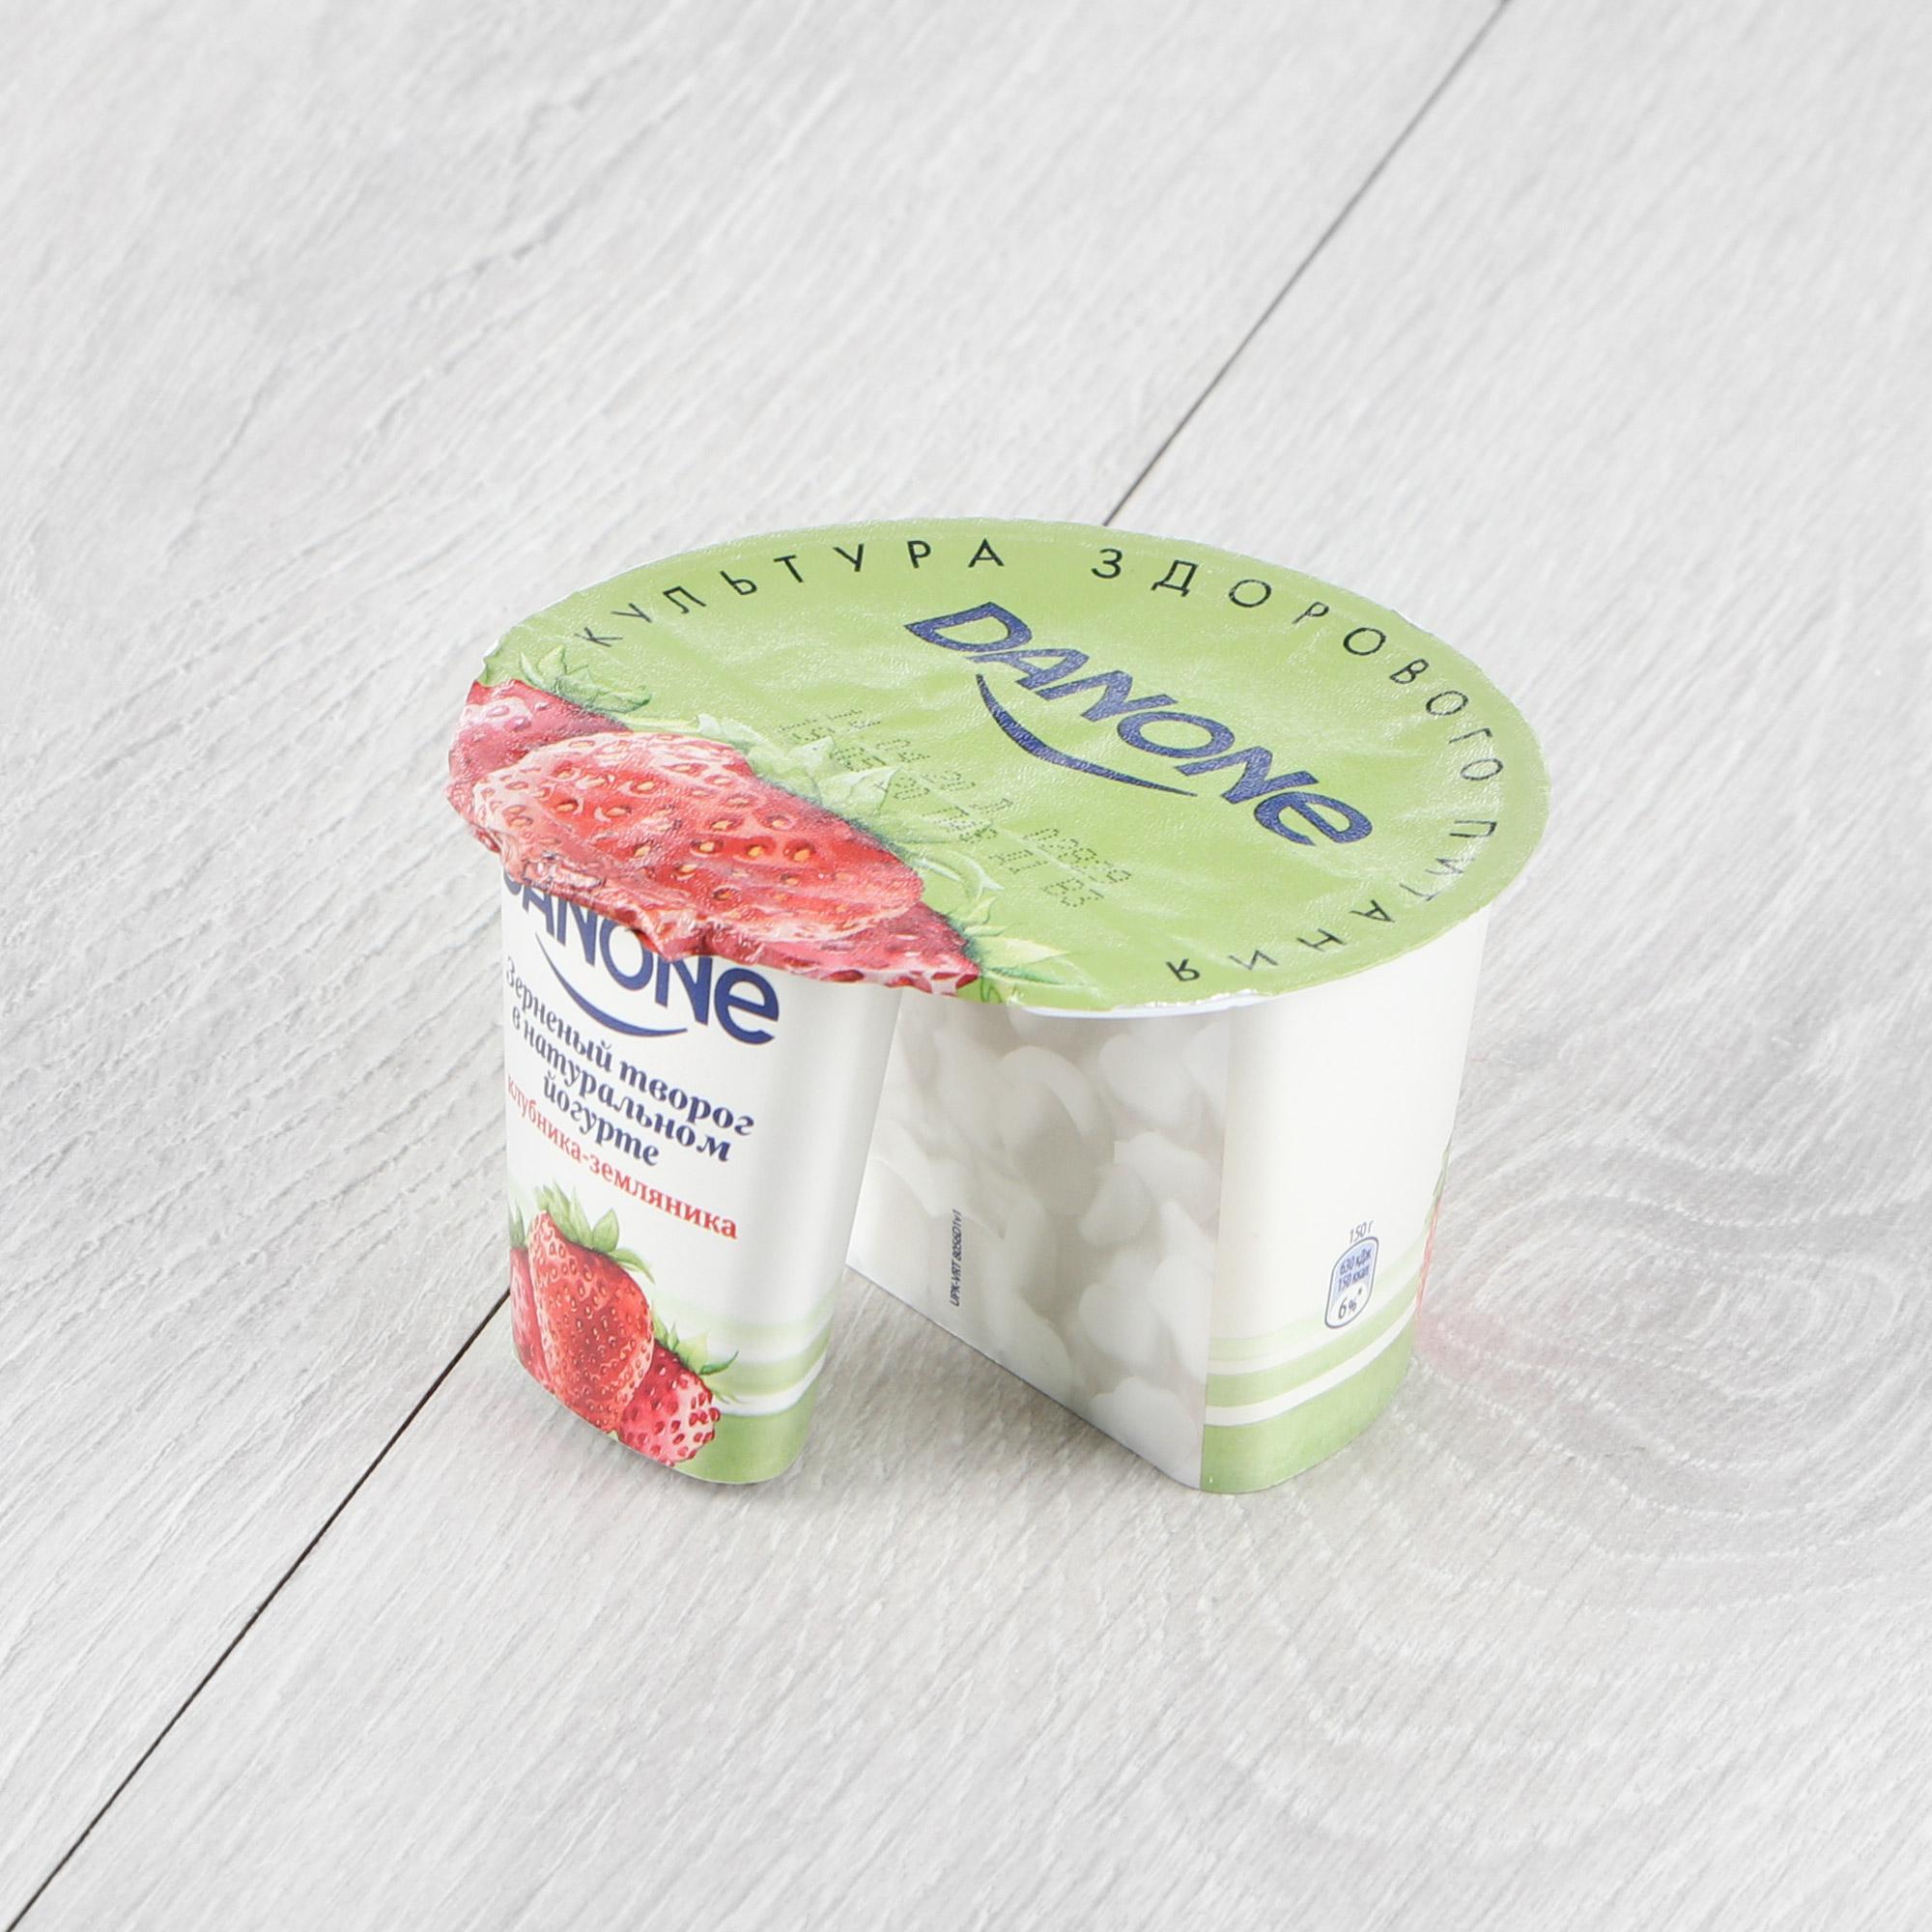 творог danone натуральный 5% 170 г Творог в йогурте Danone Клубника, земляника 150 г